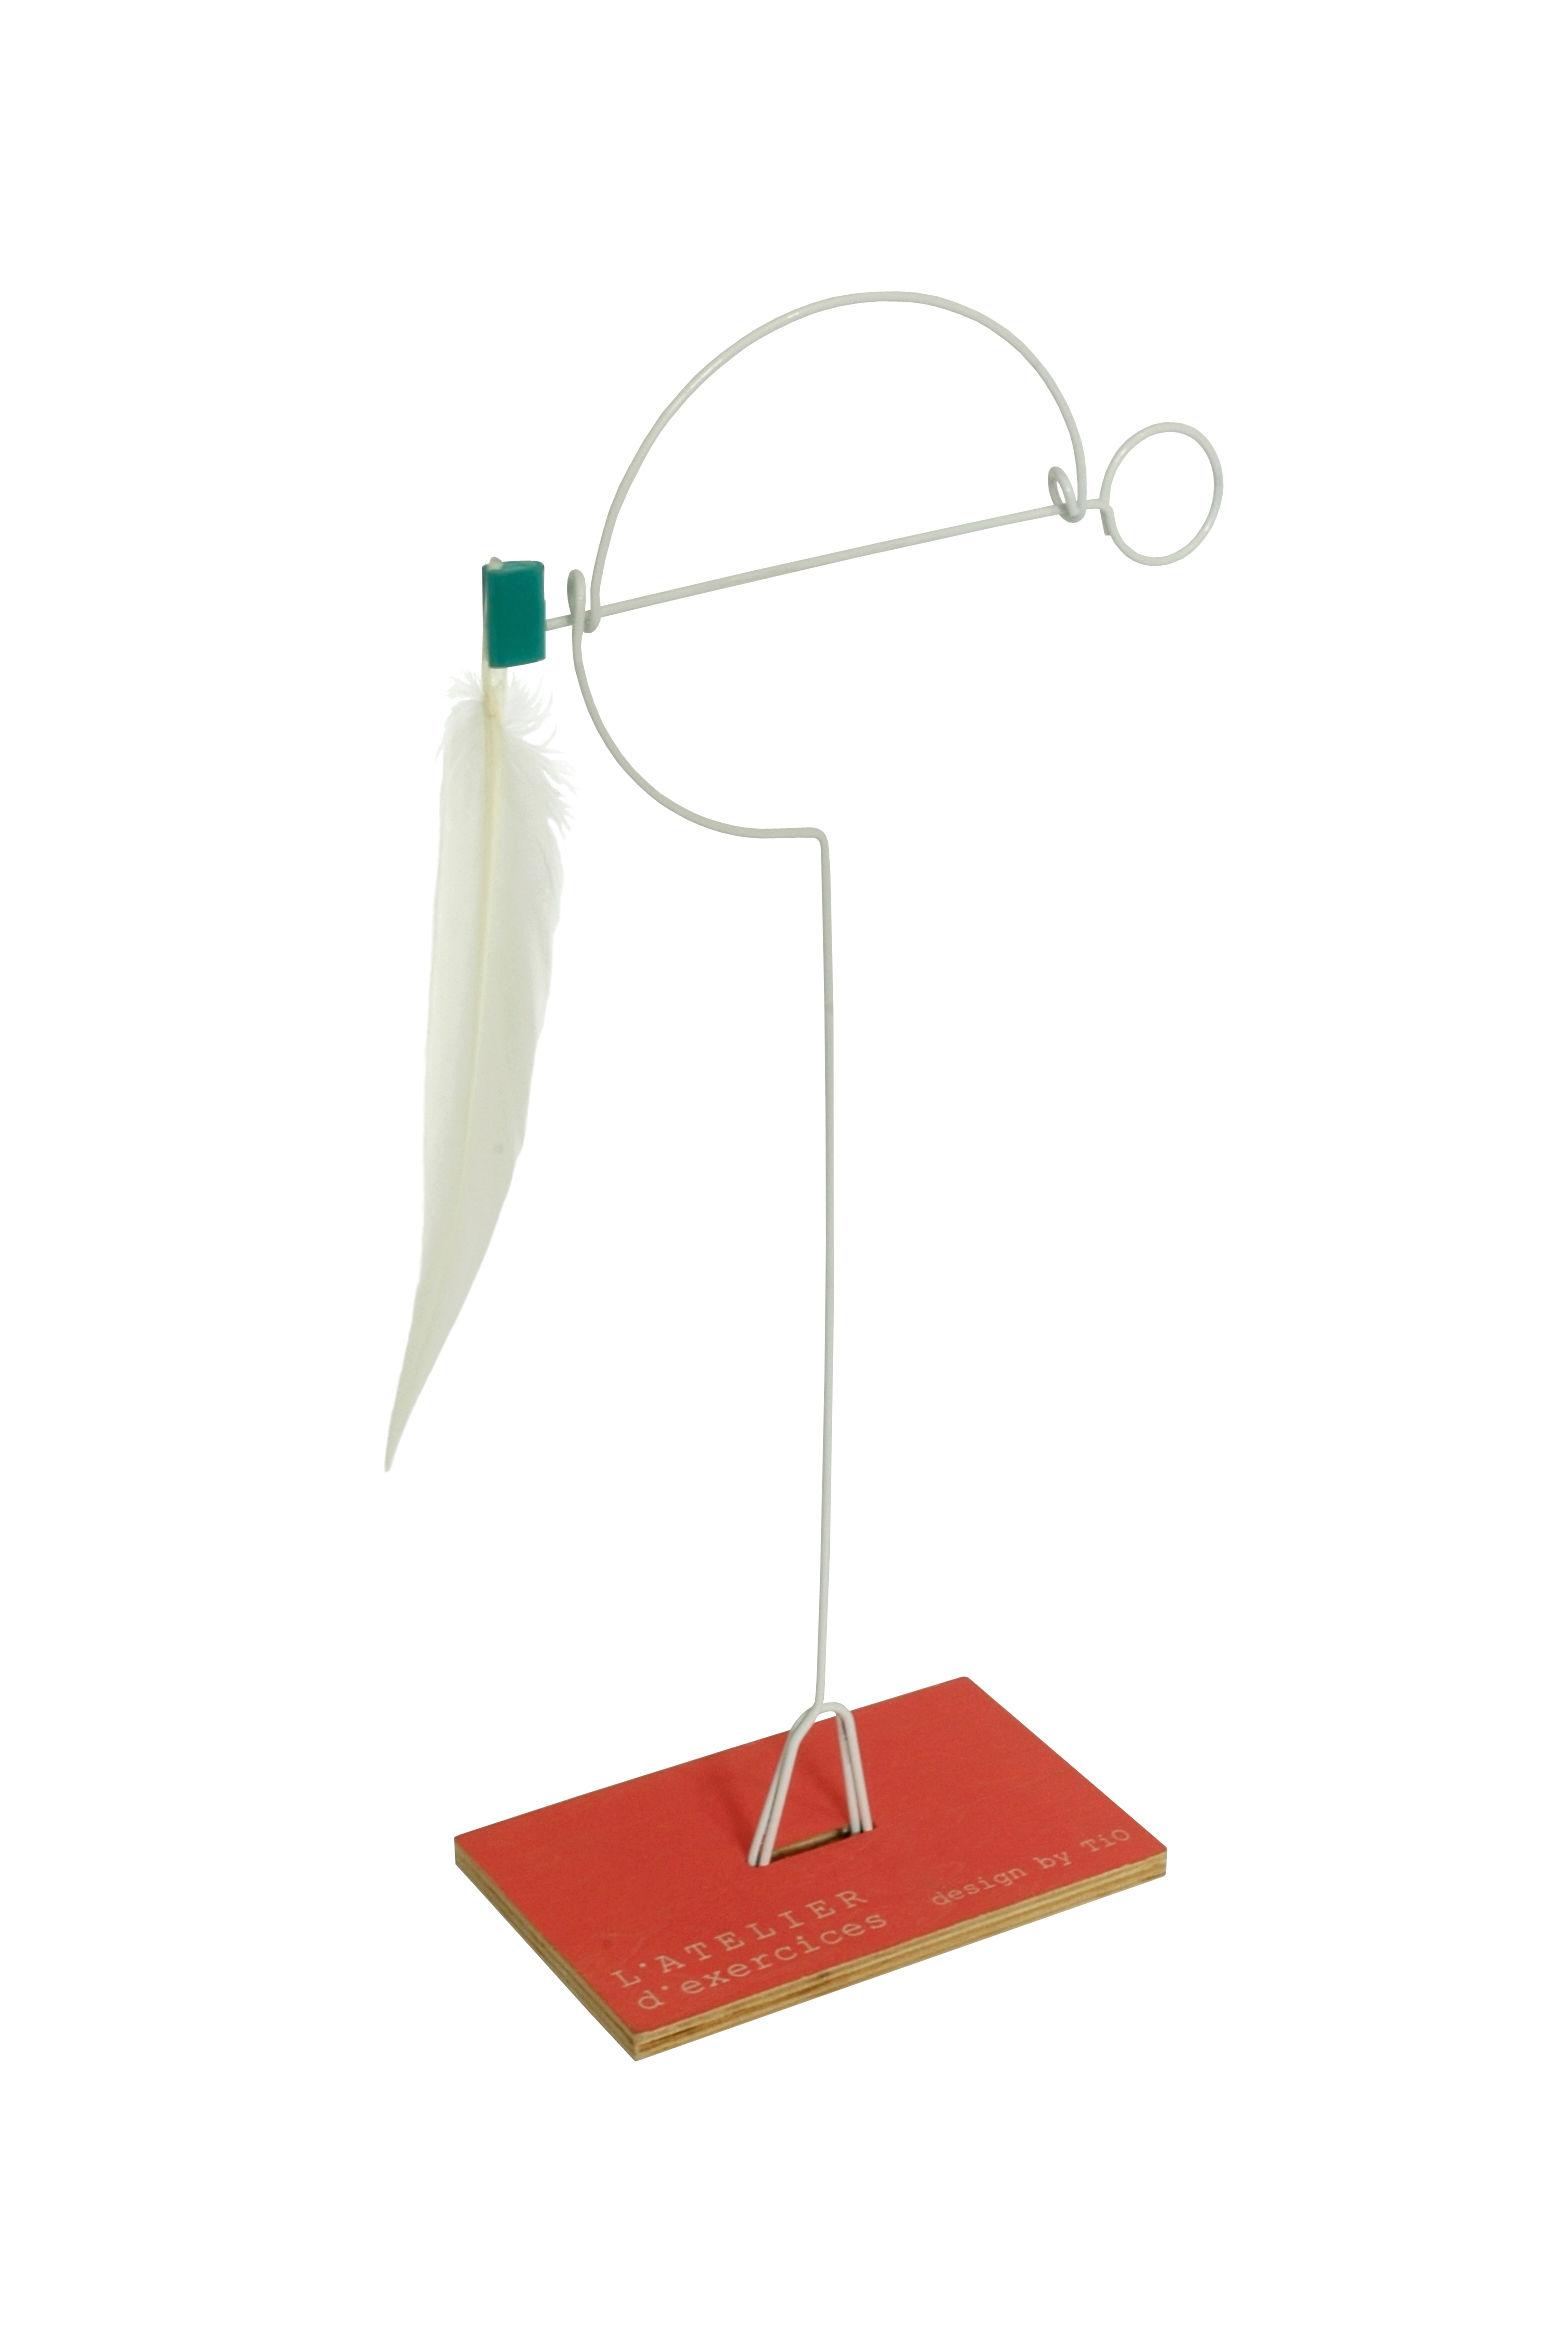 Dekoration - Für Kinder - Mono-plume Mobile zum Hinstellen - L'atelier d'exercices - Metall - Feder weiß - Daune, Holz, Stahl